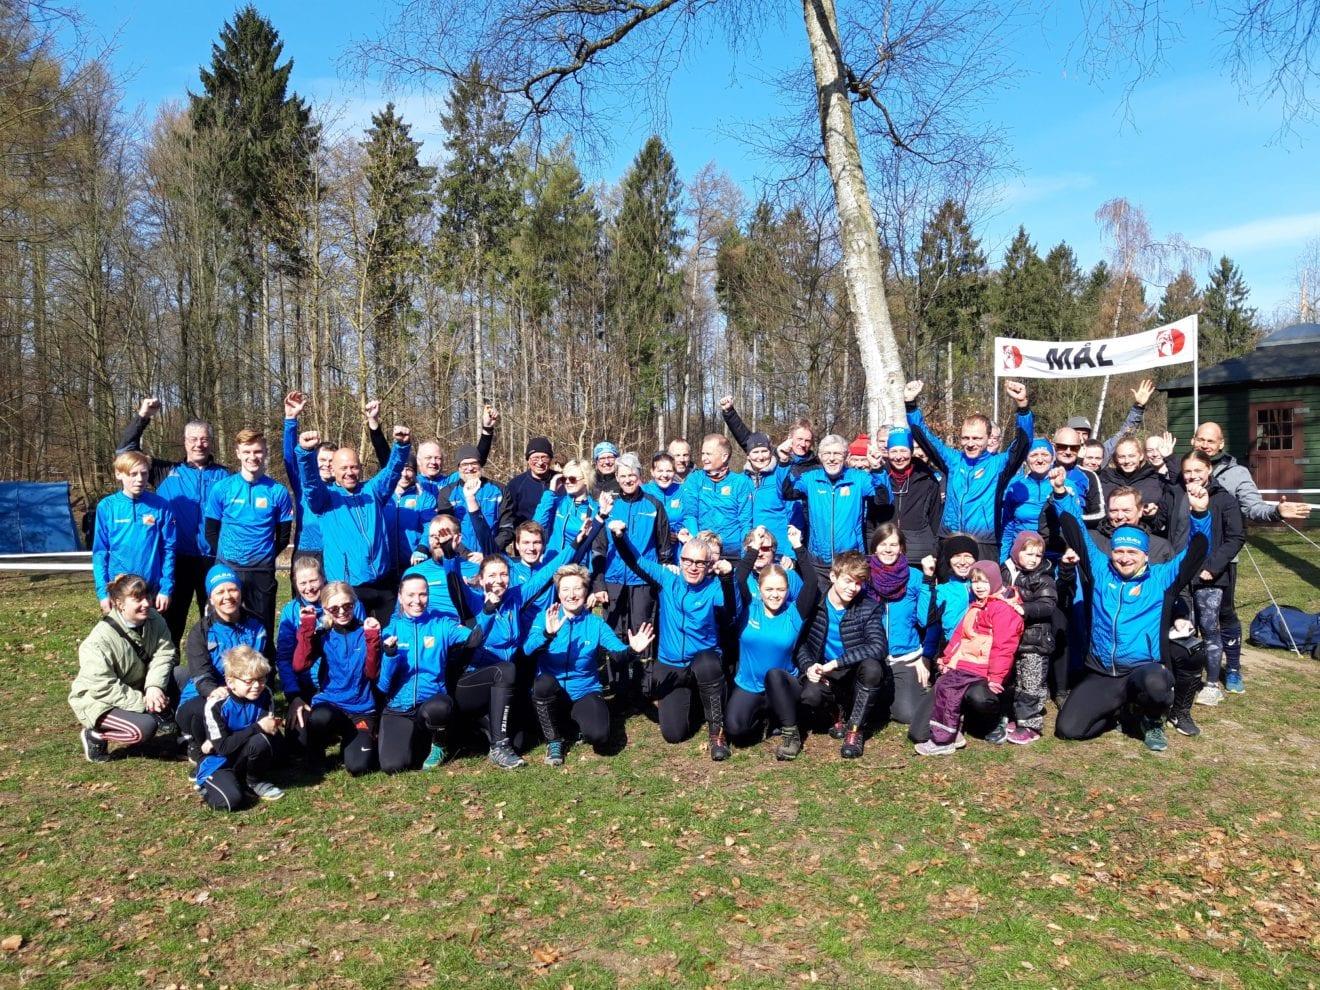 Holbæk Orienteringsklub får støtte til intensivt kursus i O-løb